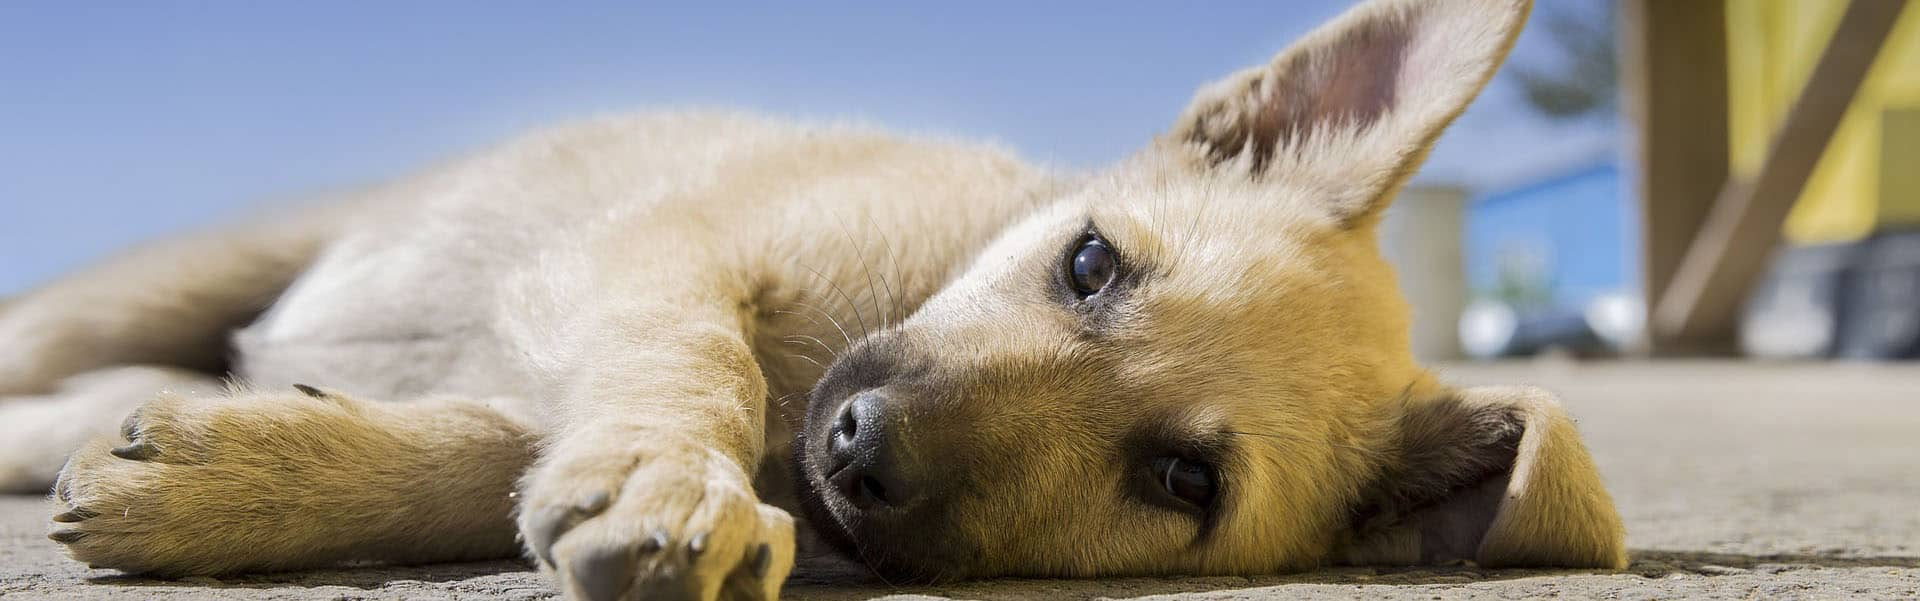 Θετική Εκπαίδευση Σκύλων - Άρθρα